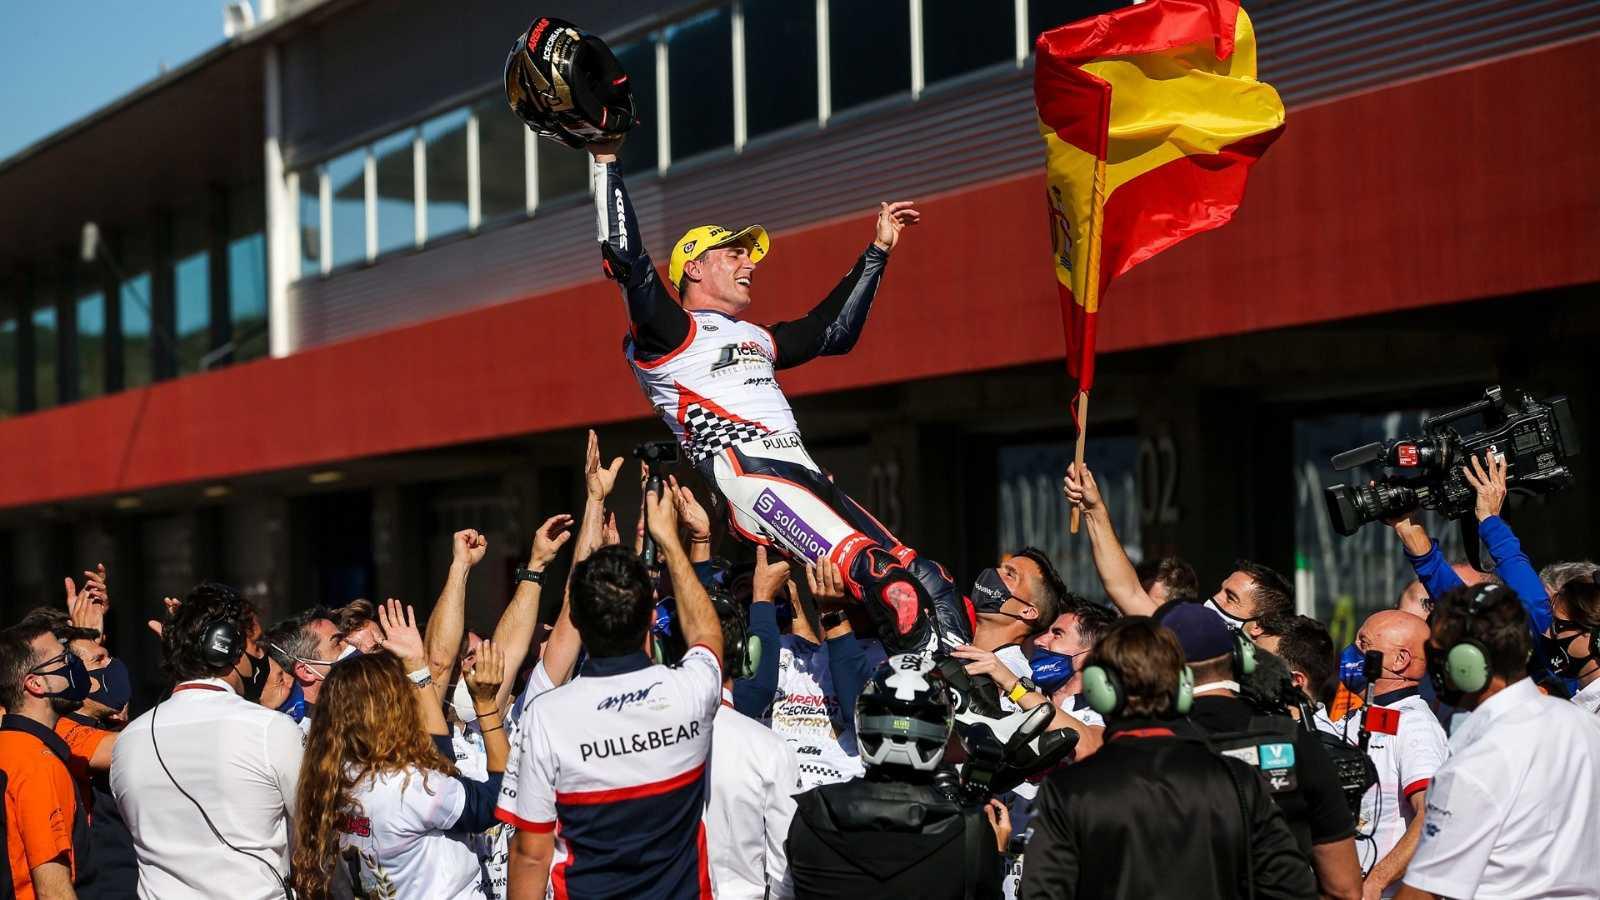 """Arenas: """"Ojalá esté compitiendo en MotoGP en 2022"""" - Escuchar ahora"""